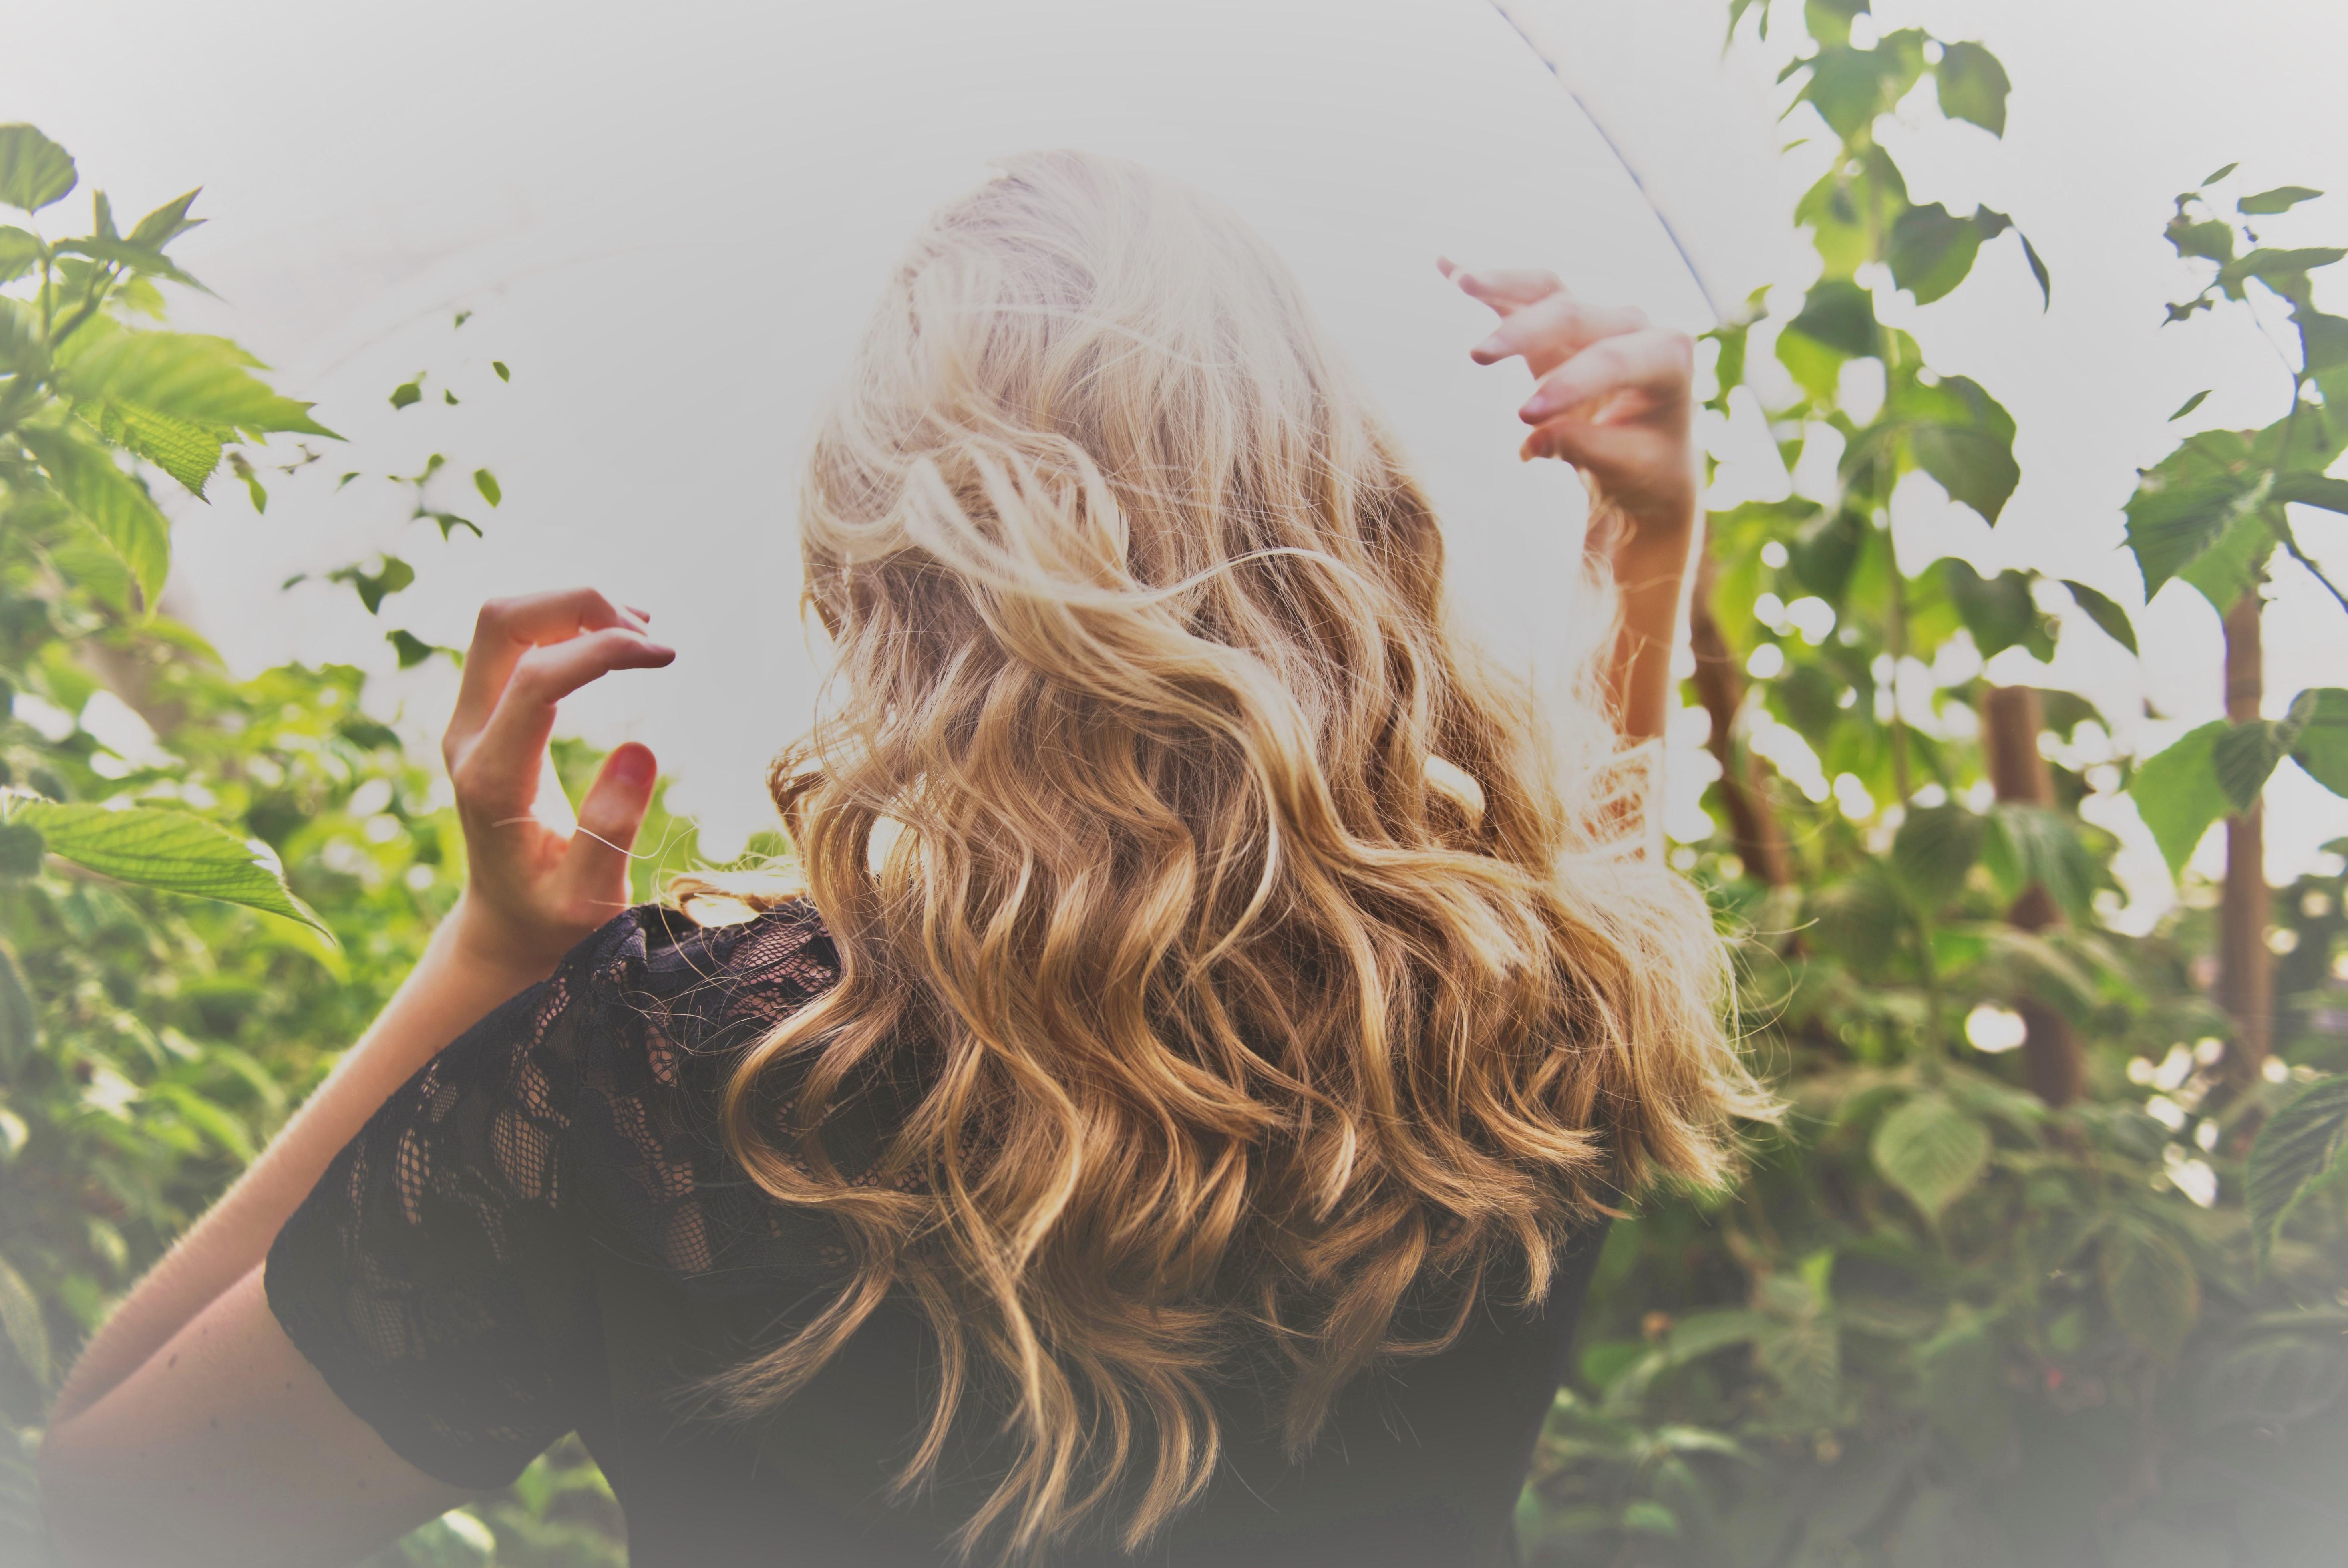 Cheveux : trois shampoings et après-shampoings pour réussir sa transition vers une routine de soins plus naturelle